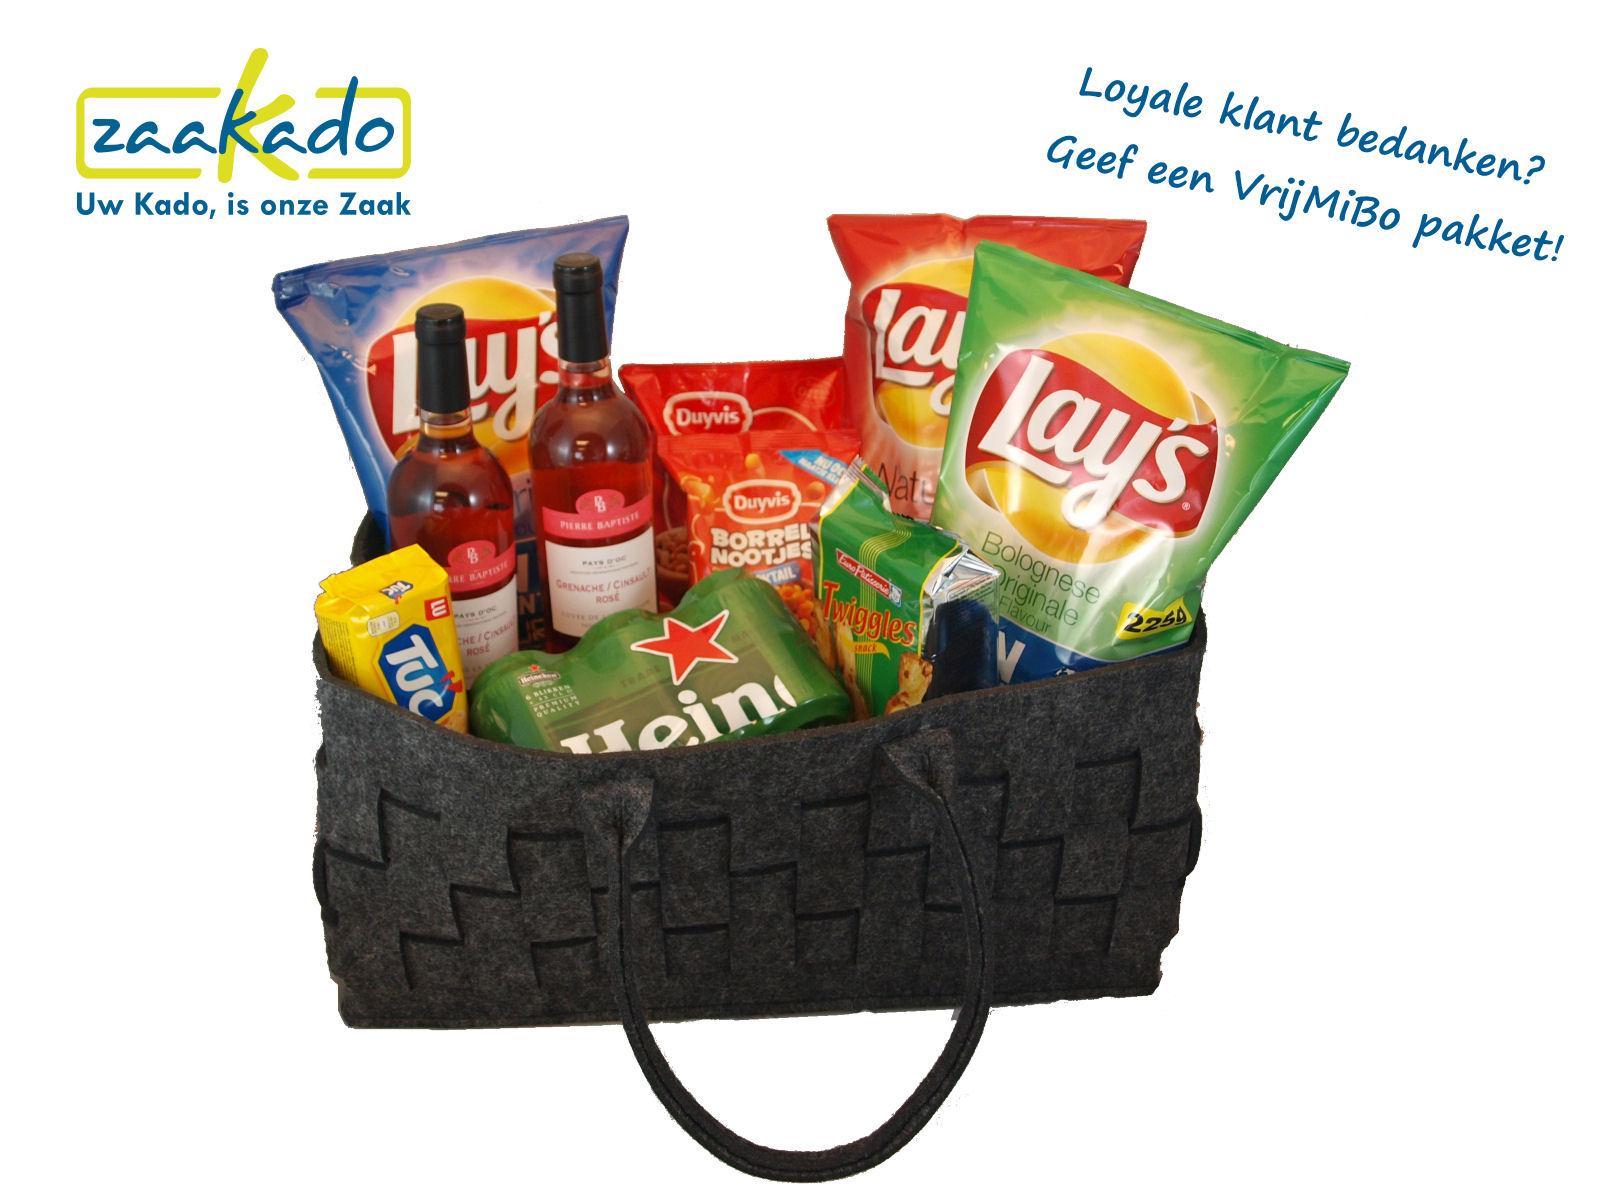 VrijMiBo pakket loyale klanten bedanken, cadeau voor de afdeling, relatiegeschenken kerstpakketten ZaaKado Rotterdam